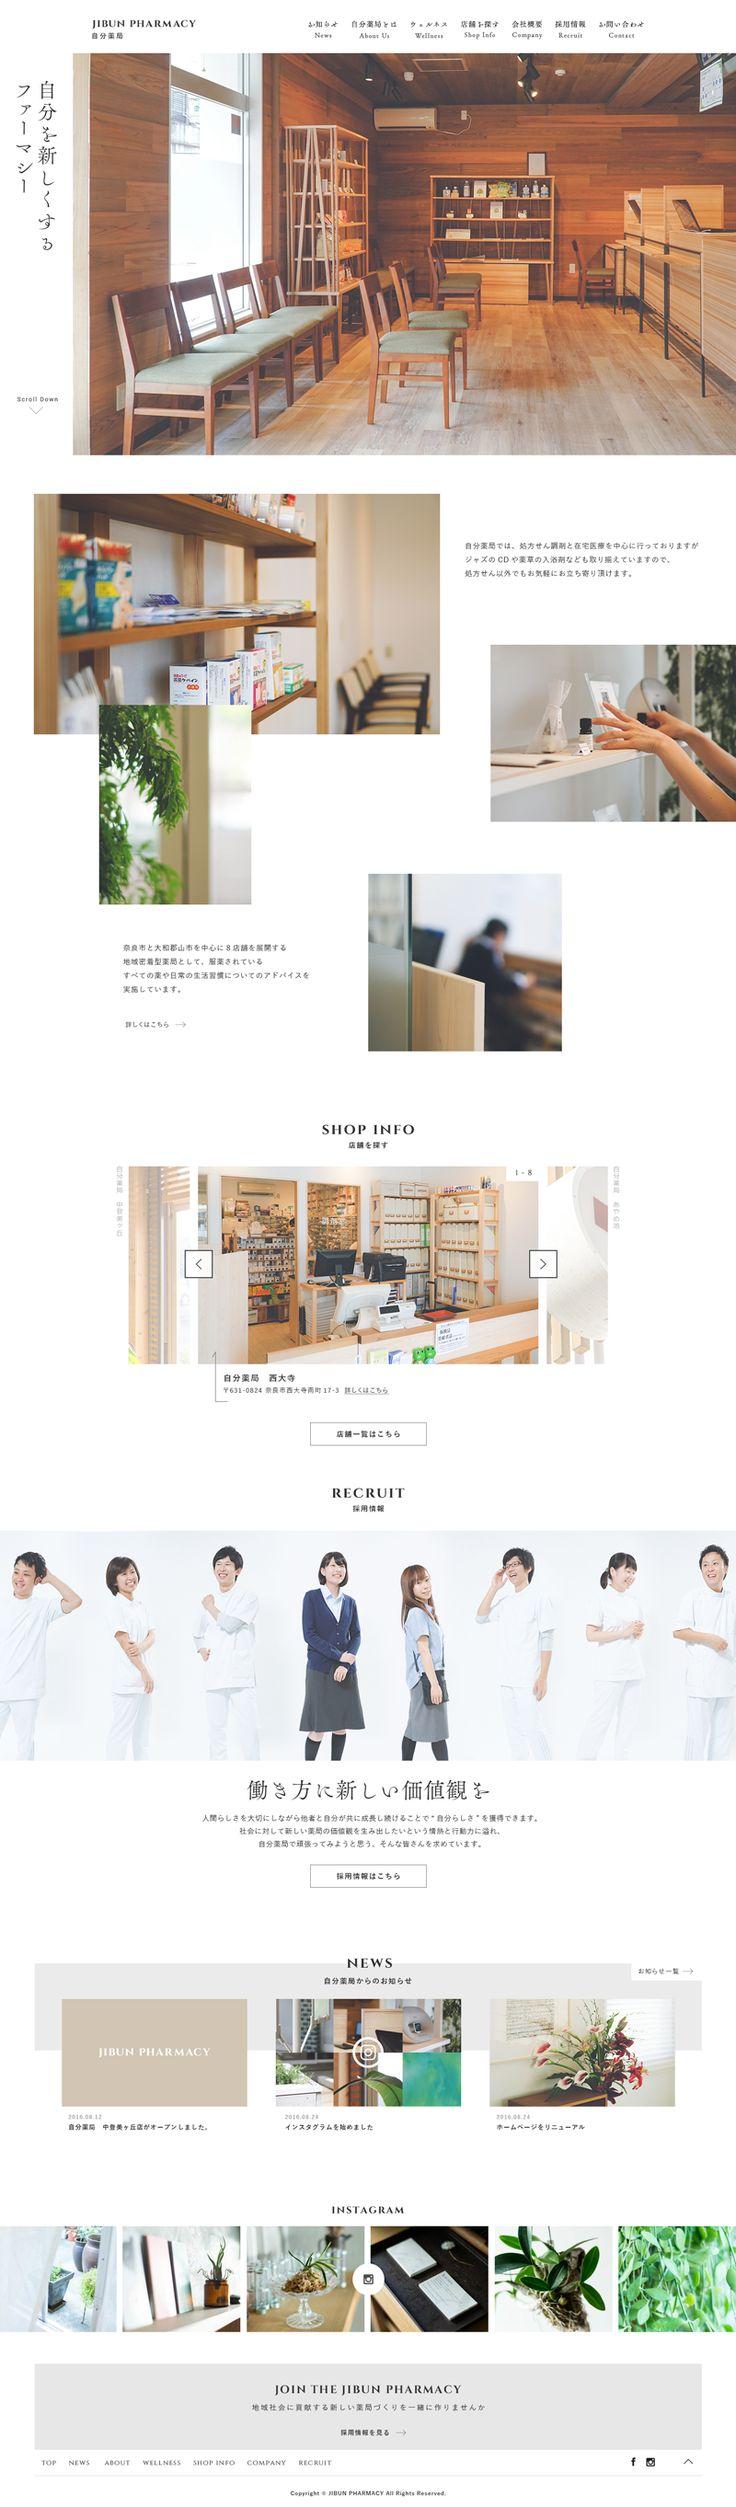 自分薬局 #Webデザイン #Design